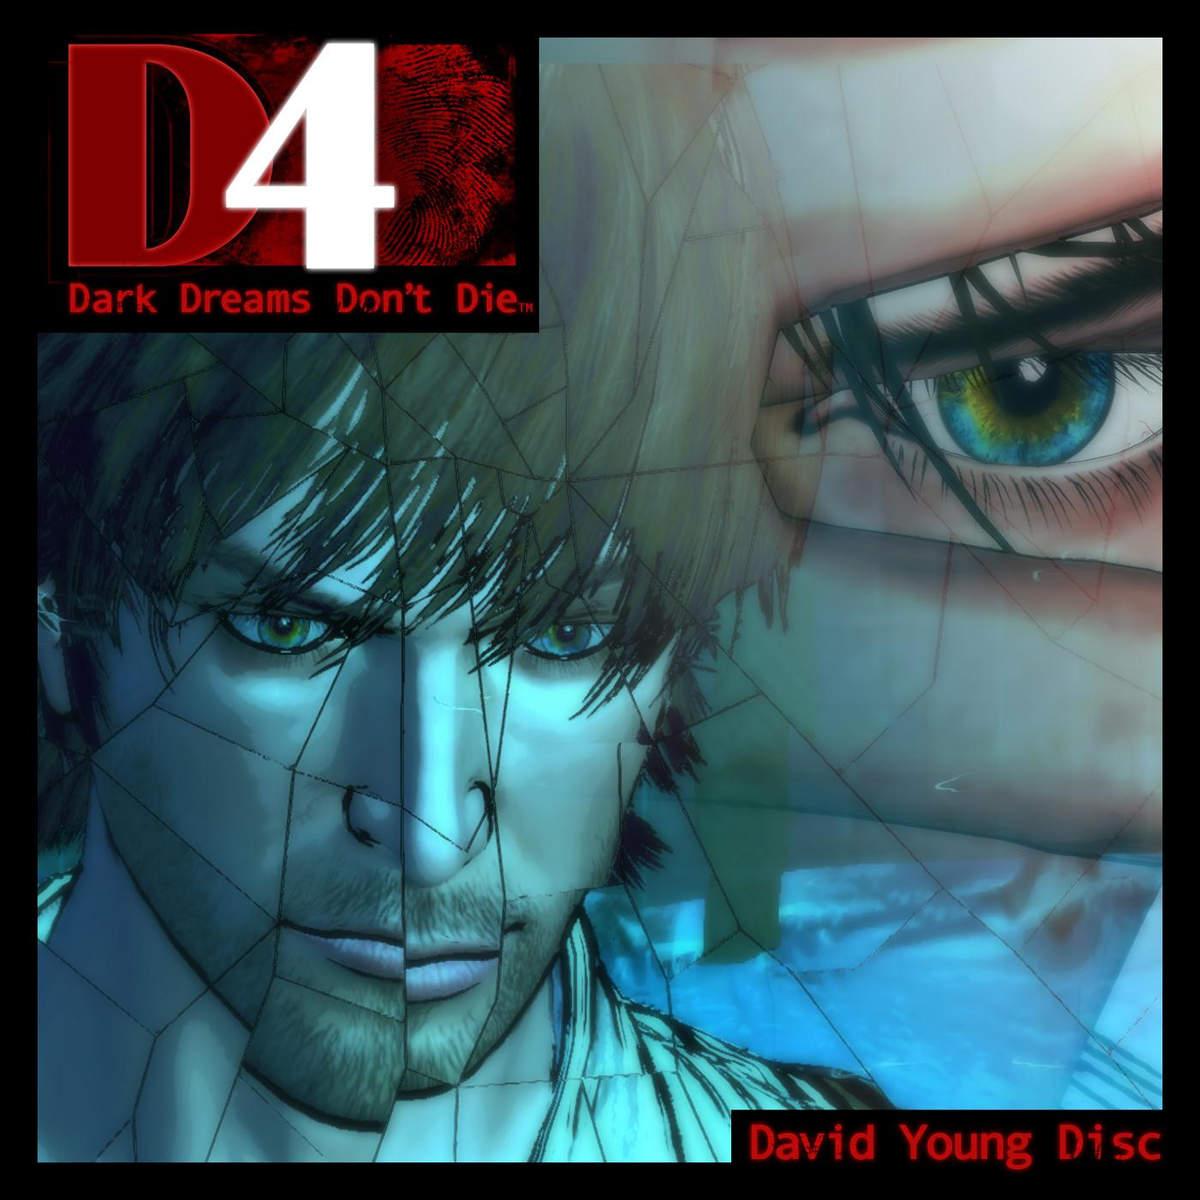 D4-Dark_Dreams_Dont_Die_Original_Soundtrack_David_Young_Disc__cover1200x1200.jpeg